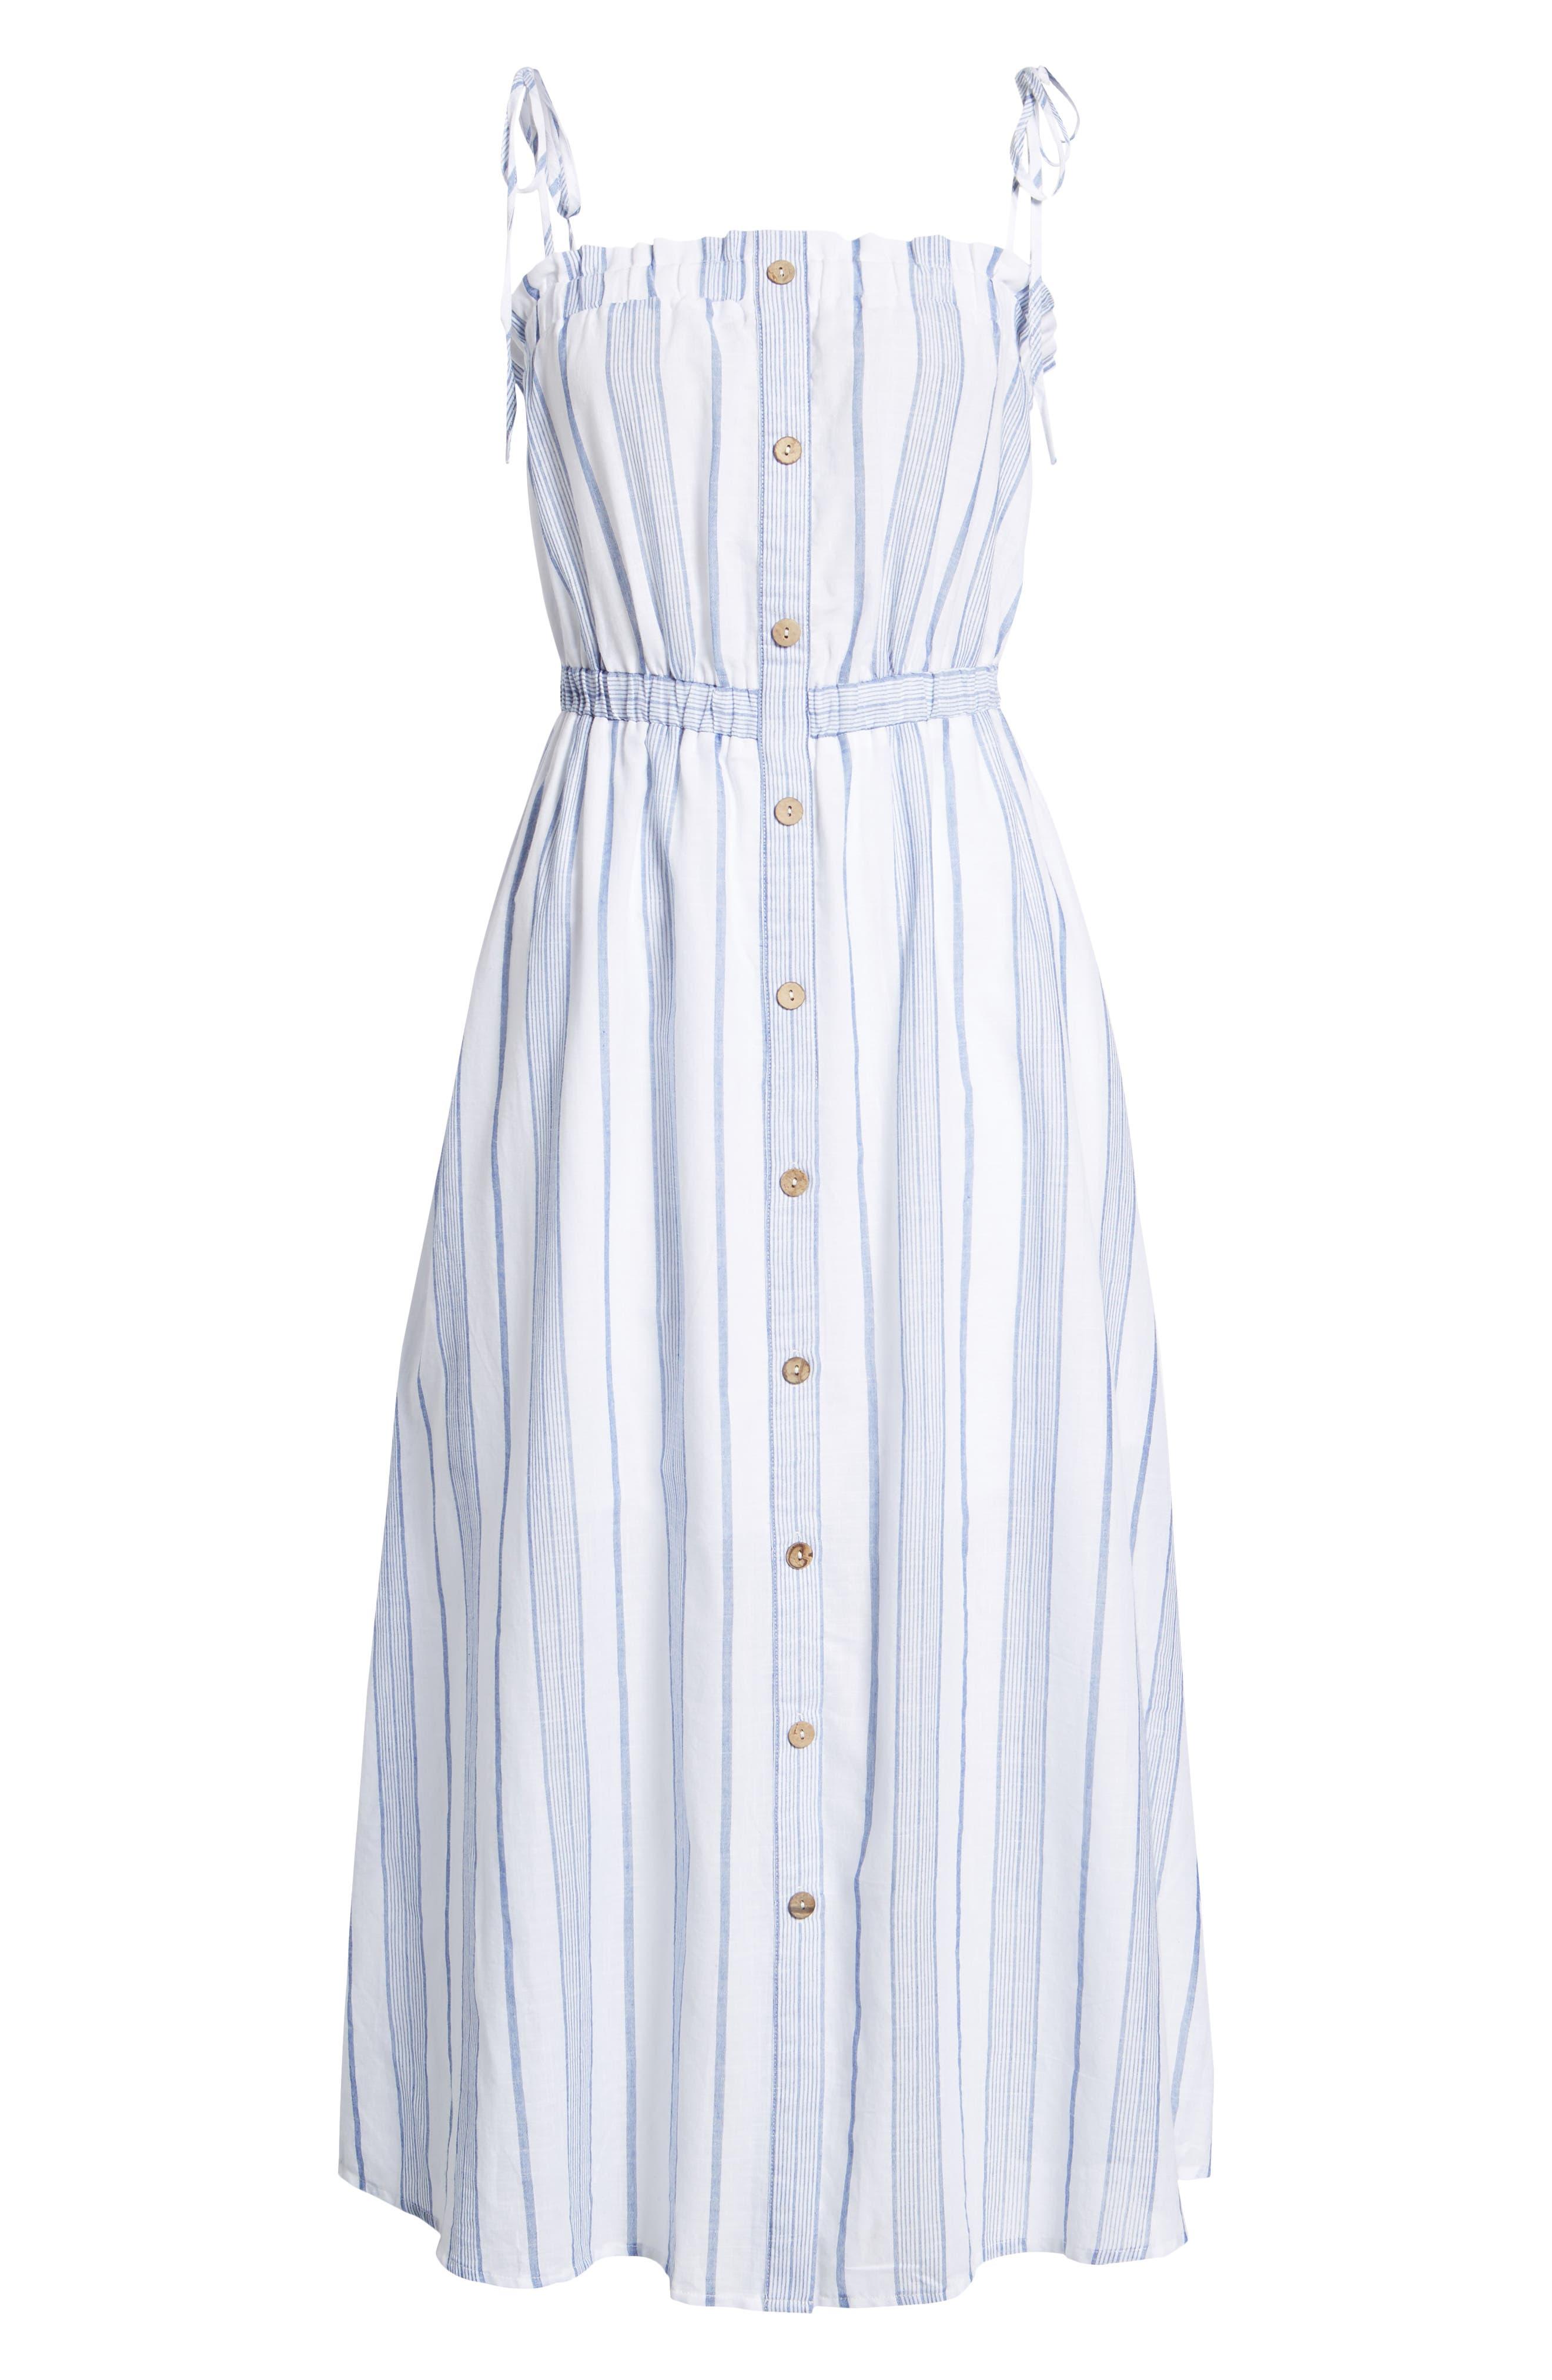 Stripe Tie Strap Dress,                             Alternate thumbnail 7, color,                             SKY STRIPE